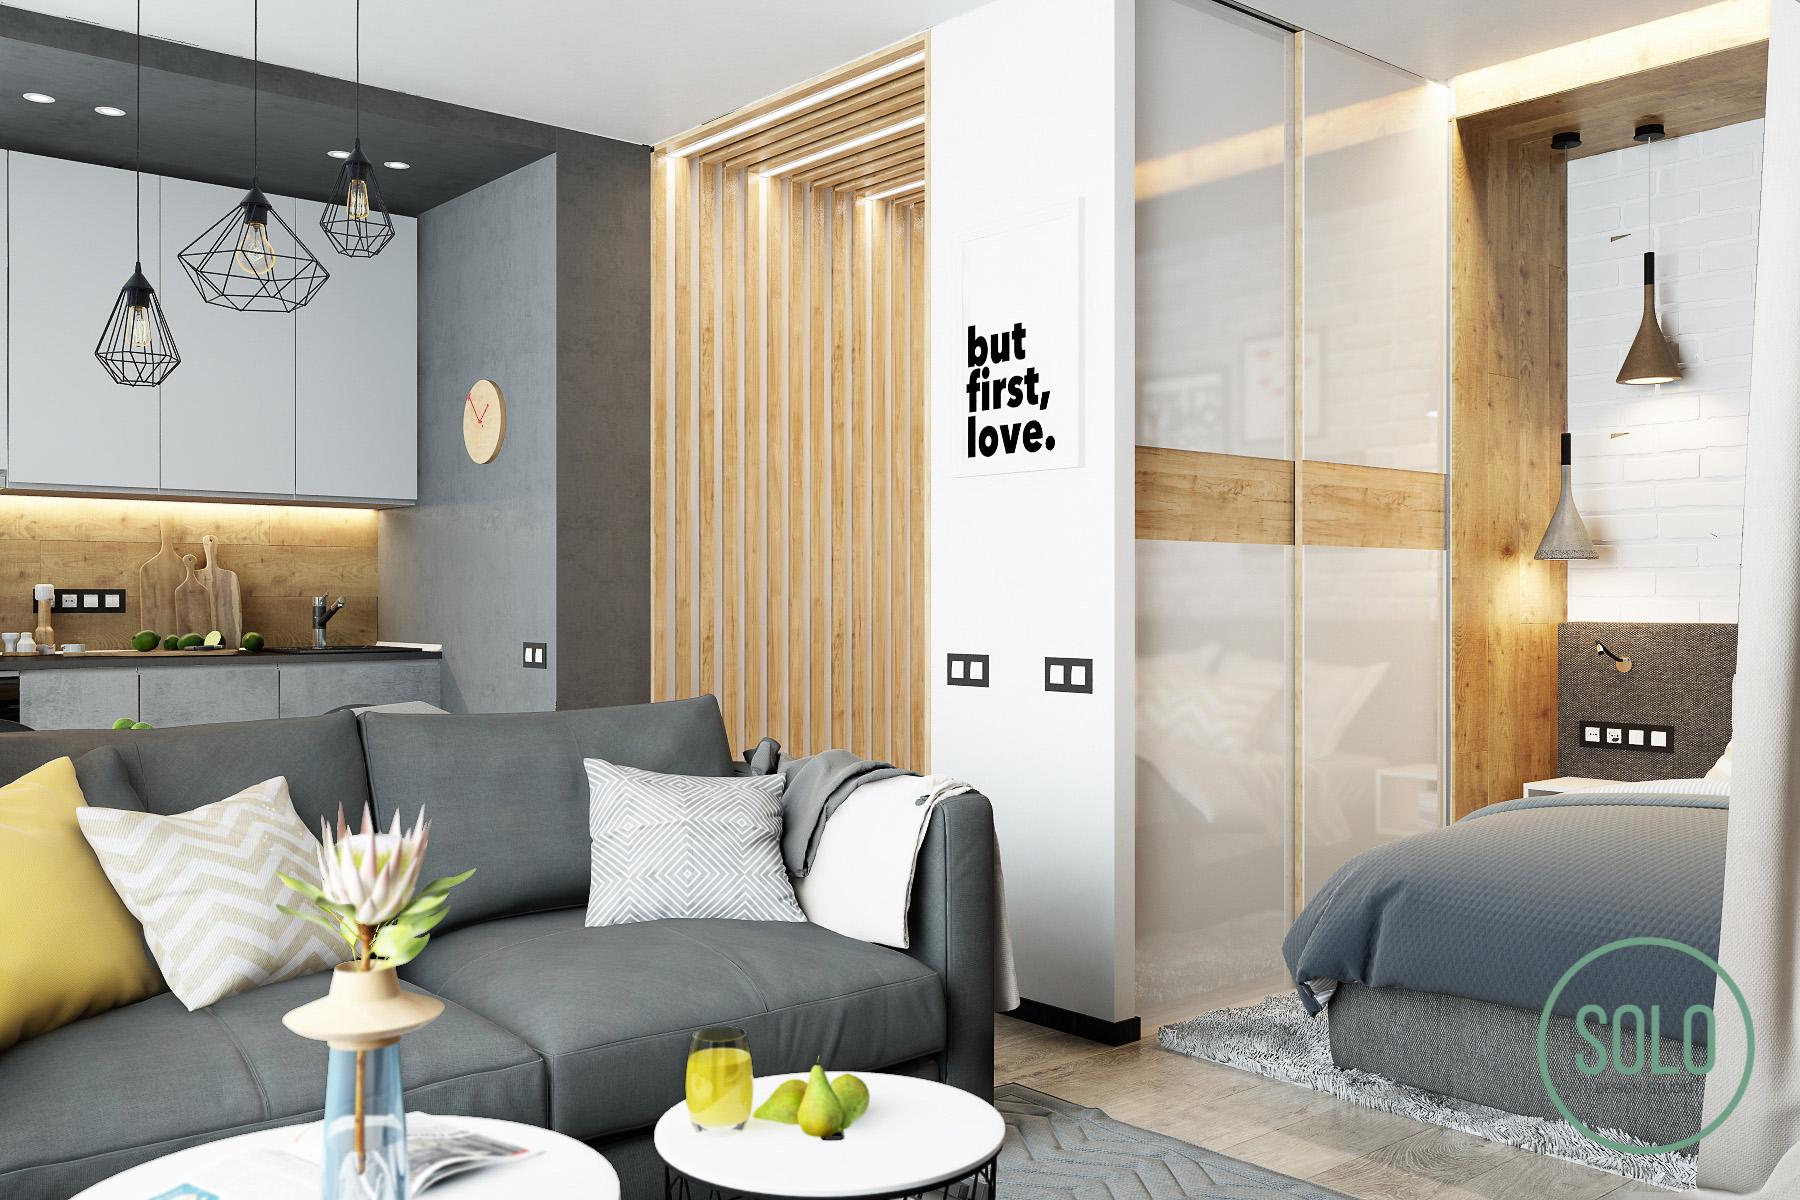 Проект квартиры 33,4 м (с балконом - 38 м) в ЖК Опалиха о3, Красногорск.